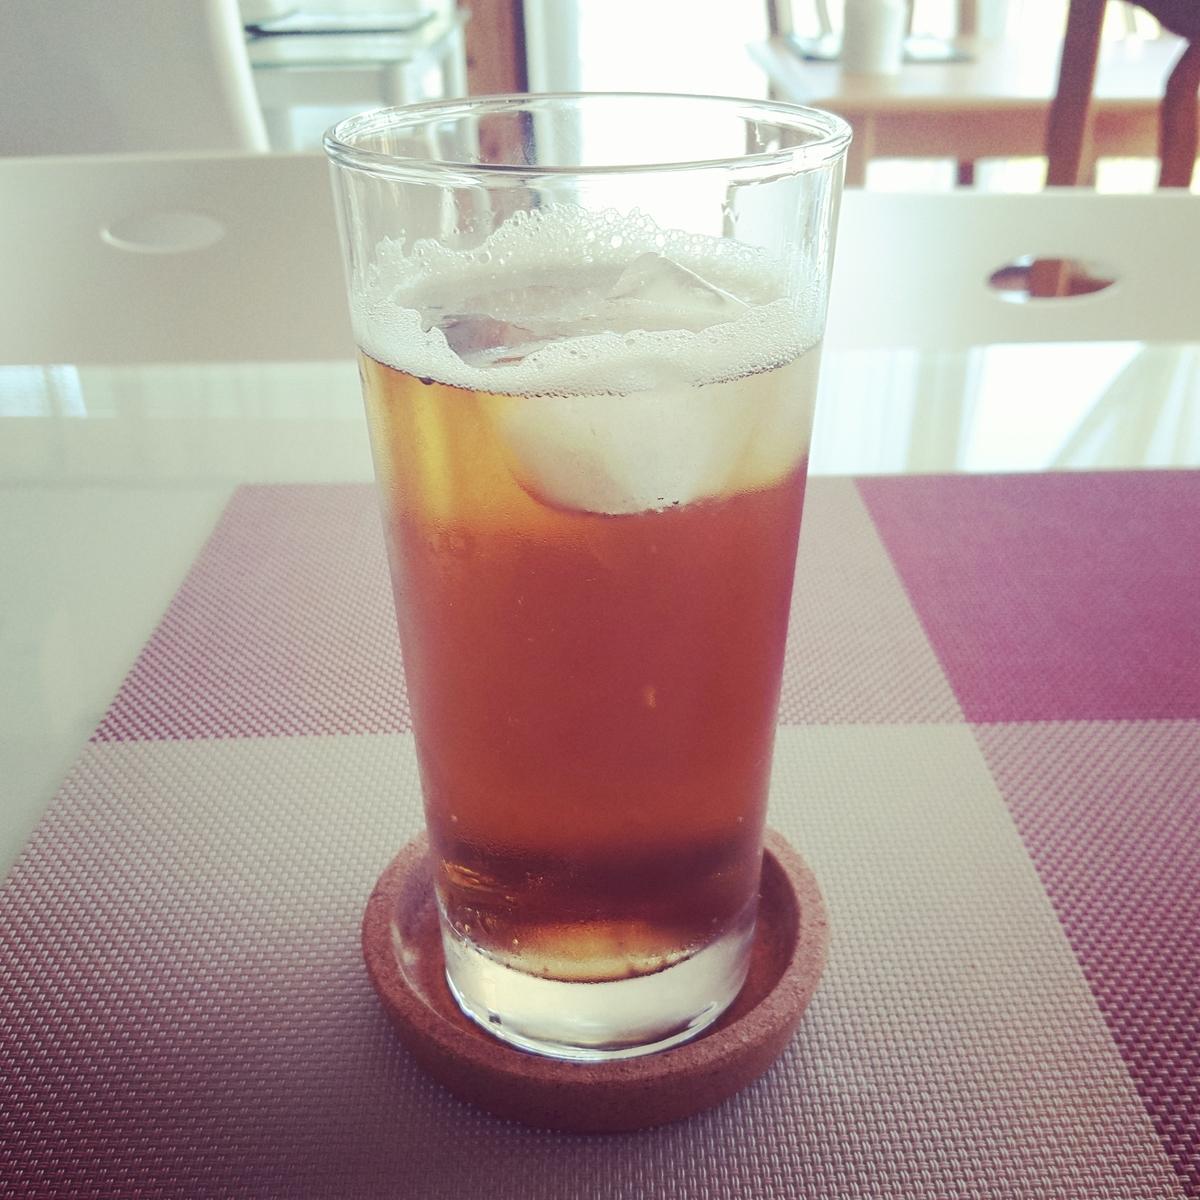 FuguMoonビビンパcafeのテイクアウトメニュー「炭酸コーヒー」の写真